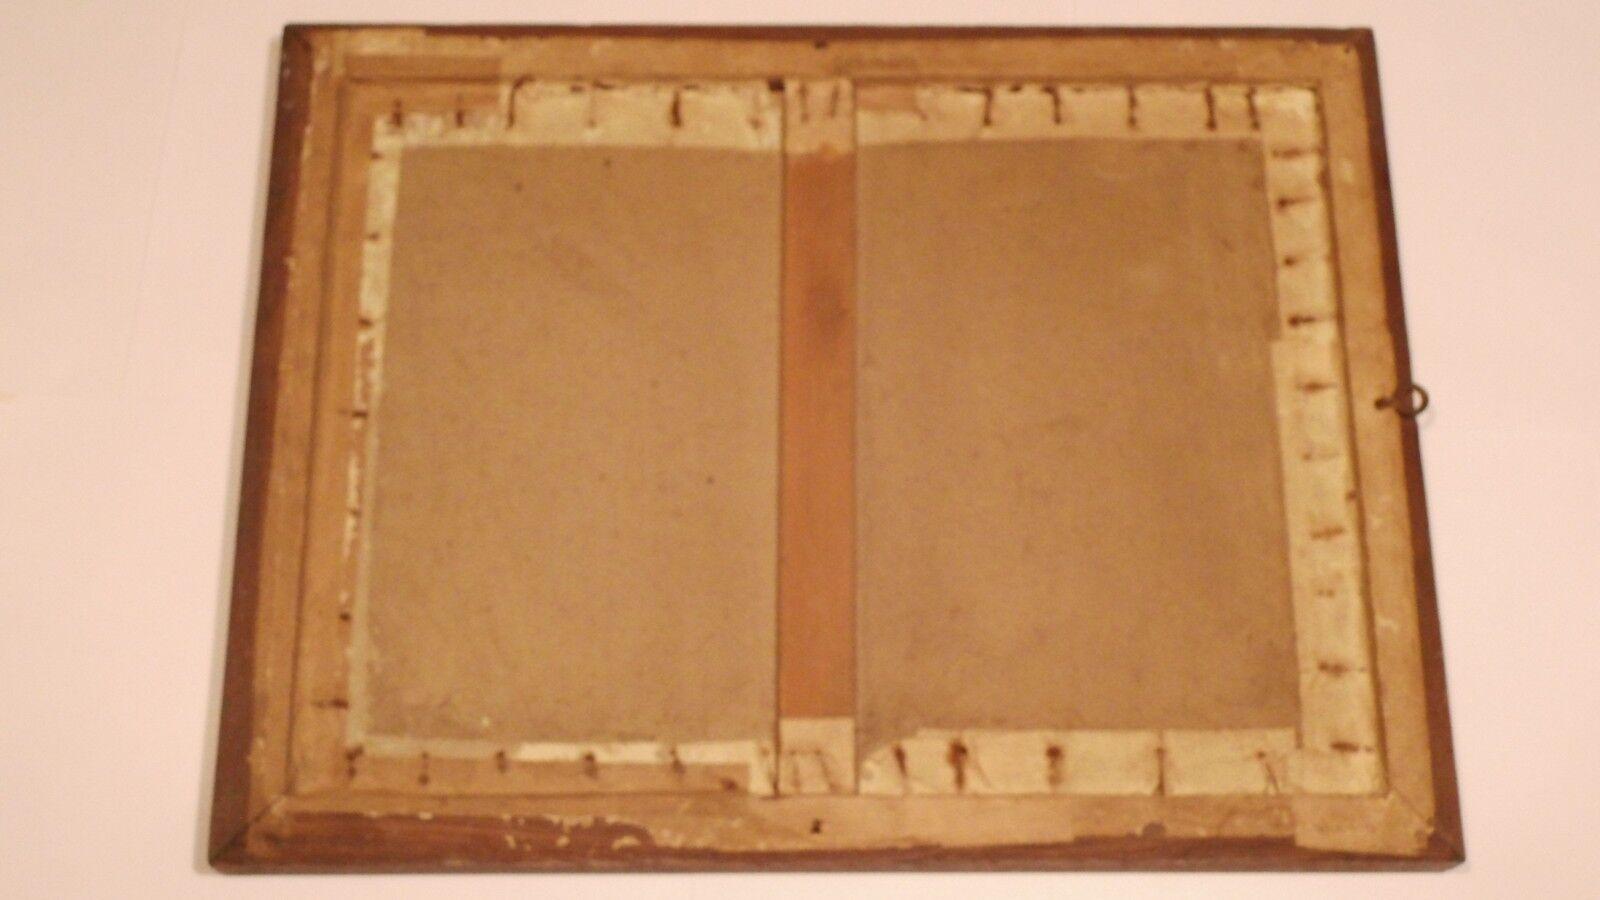 URKUNDE BELGIEN Militär Verdienste 1 Wk ( 1915 / 1924 datiert ) in ...